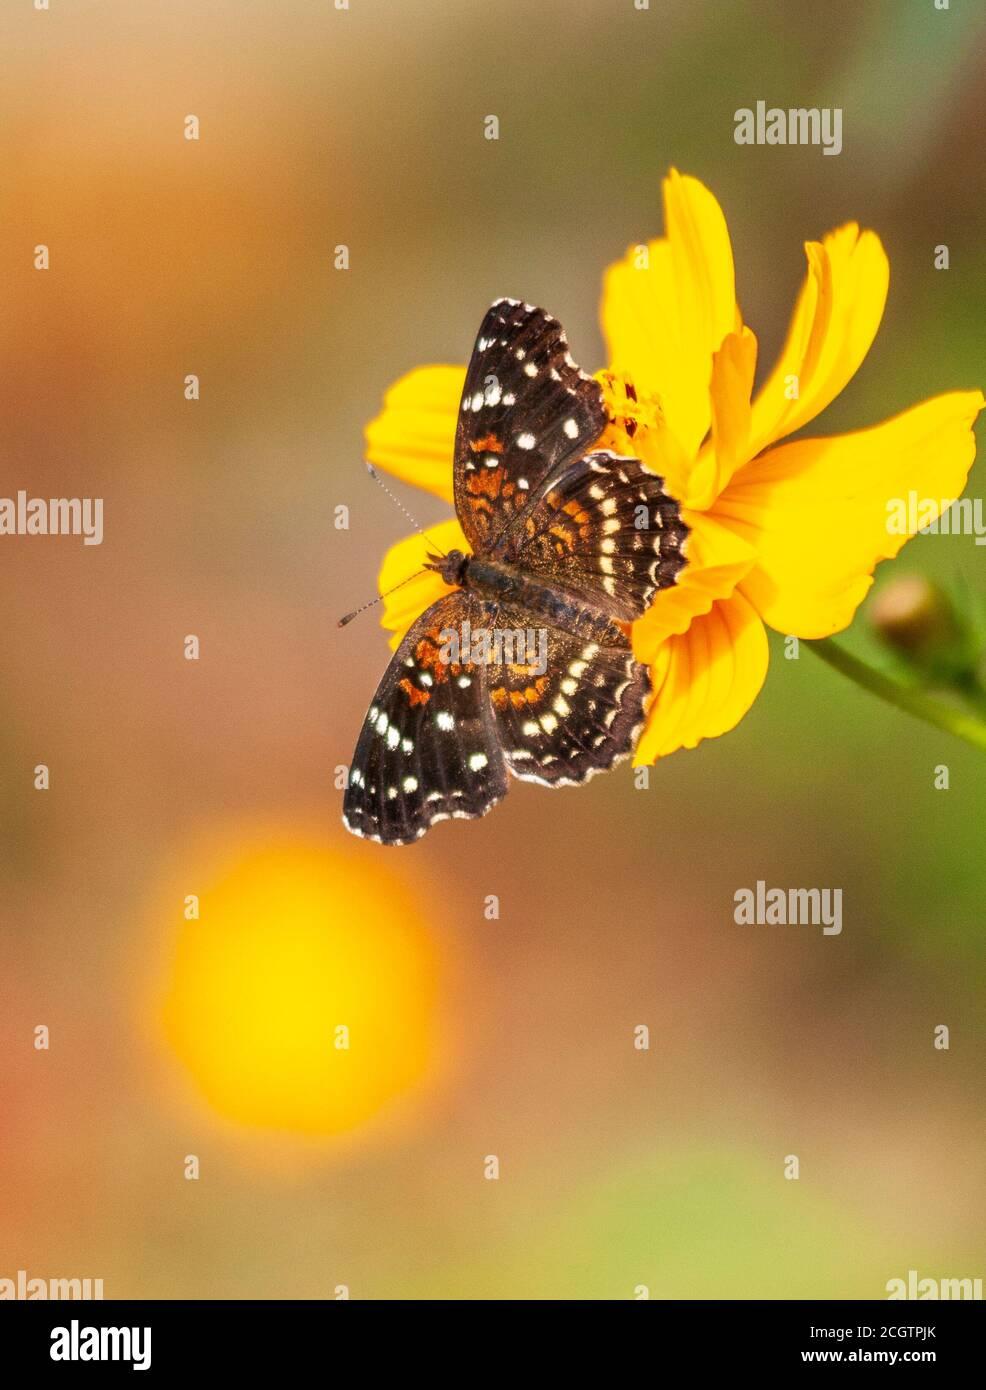 Texas Crescent Butterfly, Phyciodes texana, en Mercer Arboretum y Botanical Gardens en Spring, Texas. Foto de stock